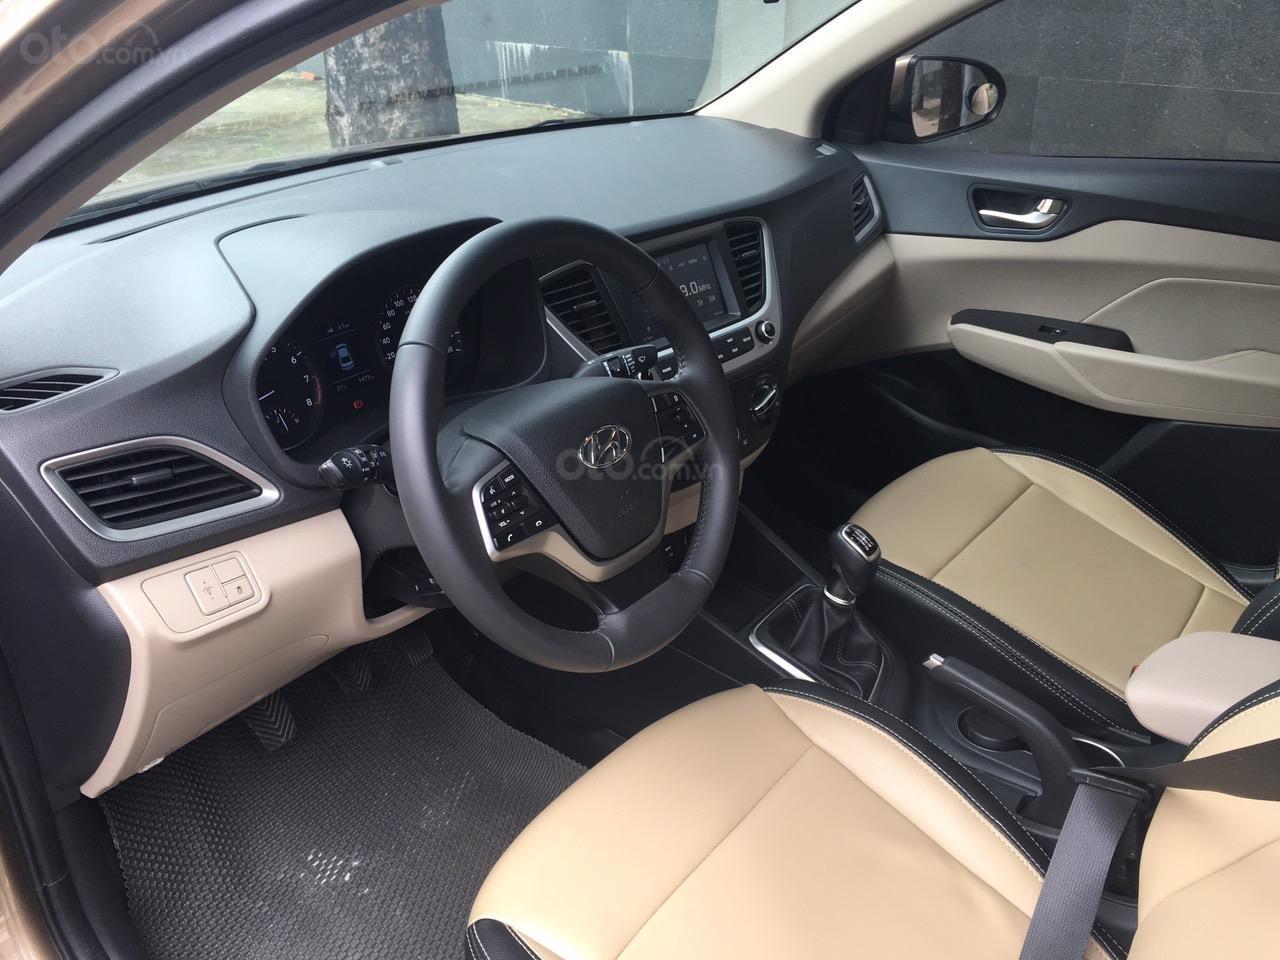 Hyundai Accent 2019 MT bản full, sơ cua chưa hạ (4)